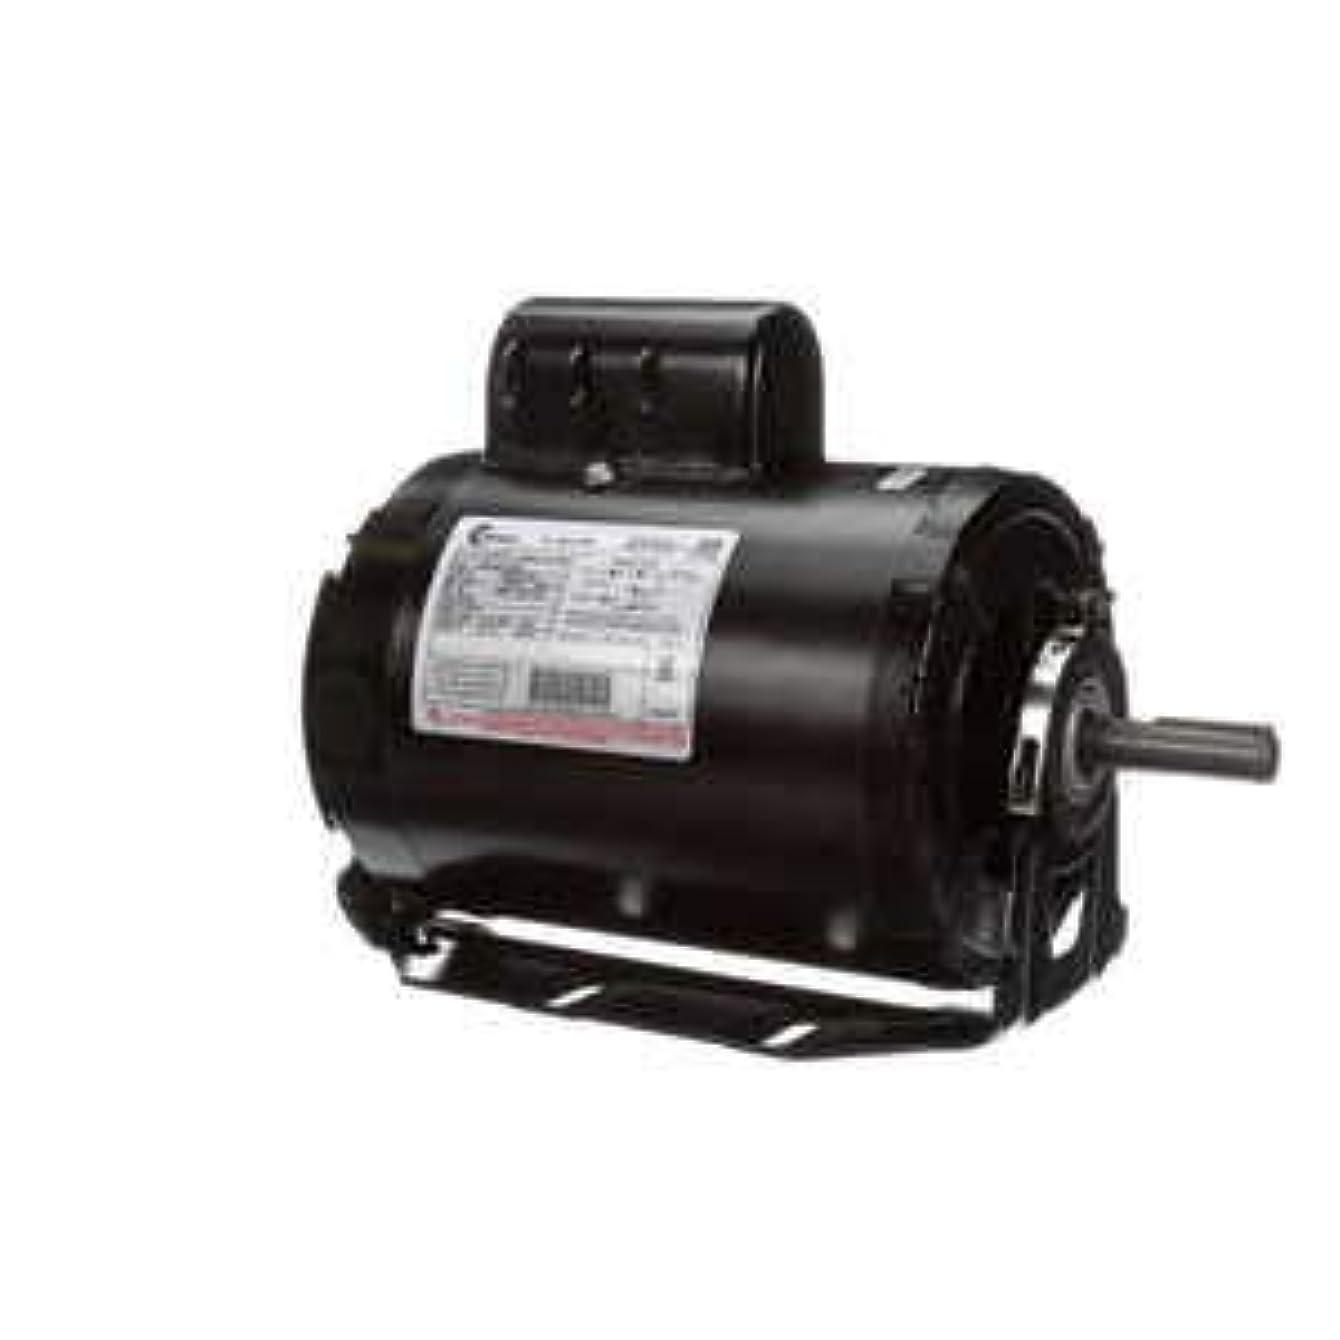 Evaporative Cooler Motor, 230V, Sleeve